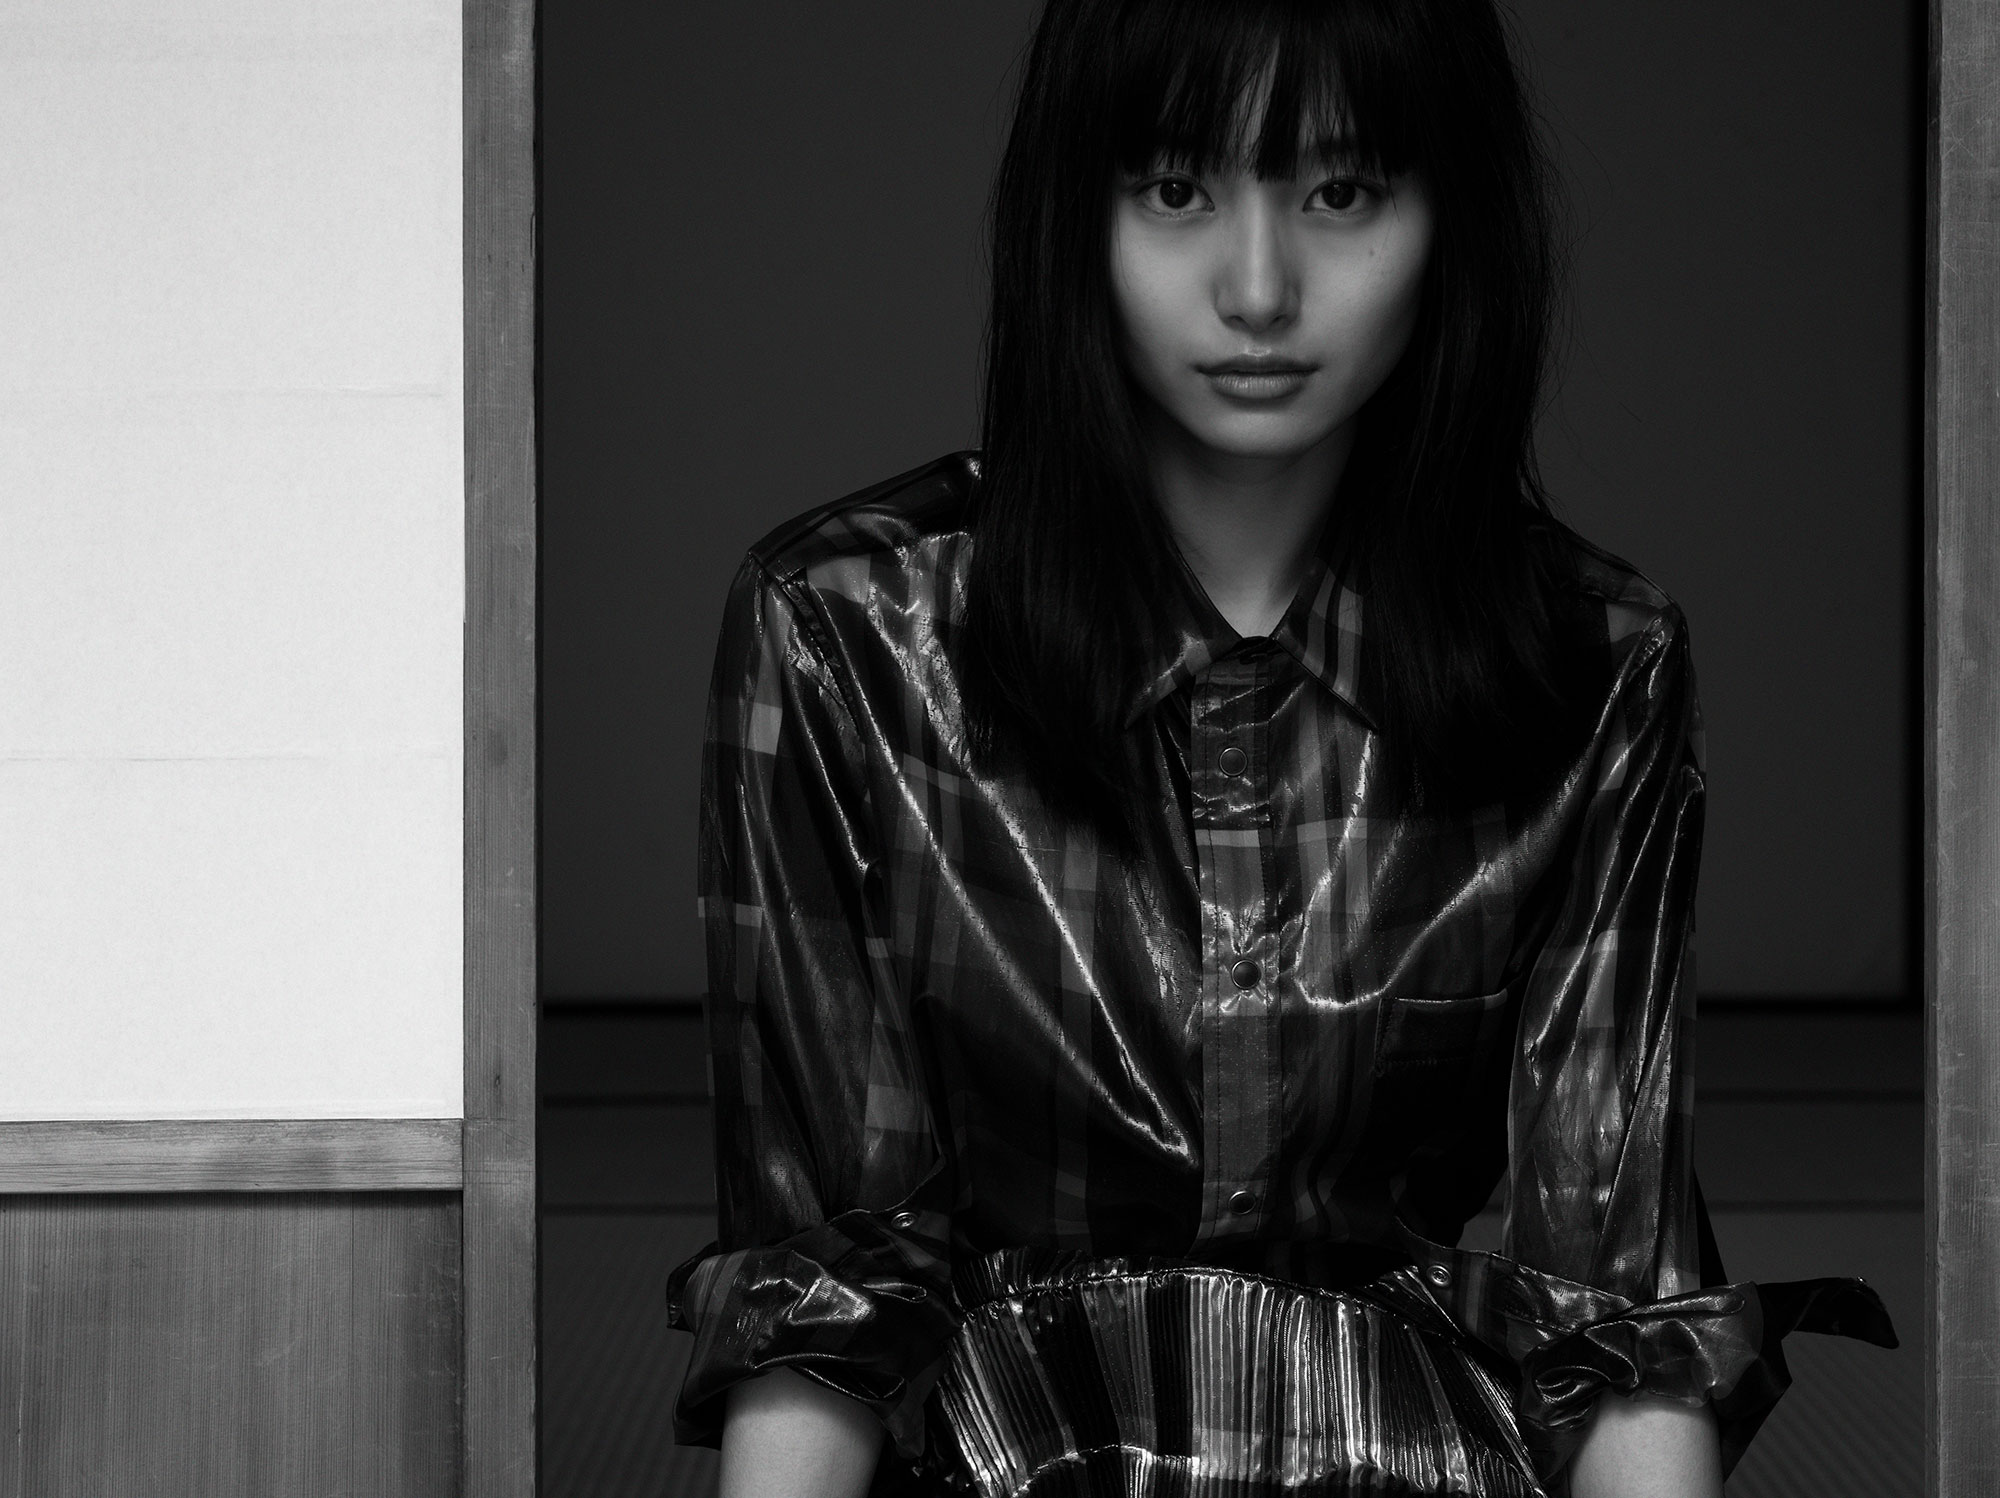 シャツ ¥59,000、スカート ¥89,000、全て TOGA (トーガ) | Photo by Chikashi Suzuki